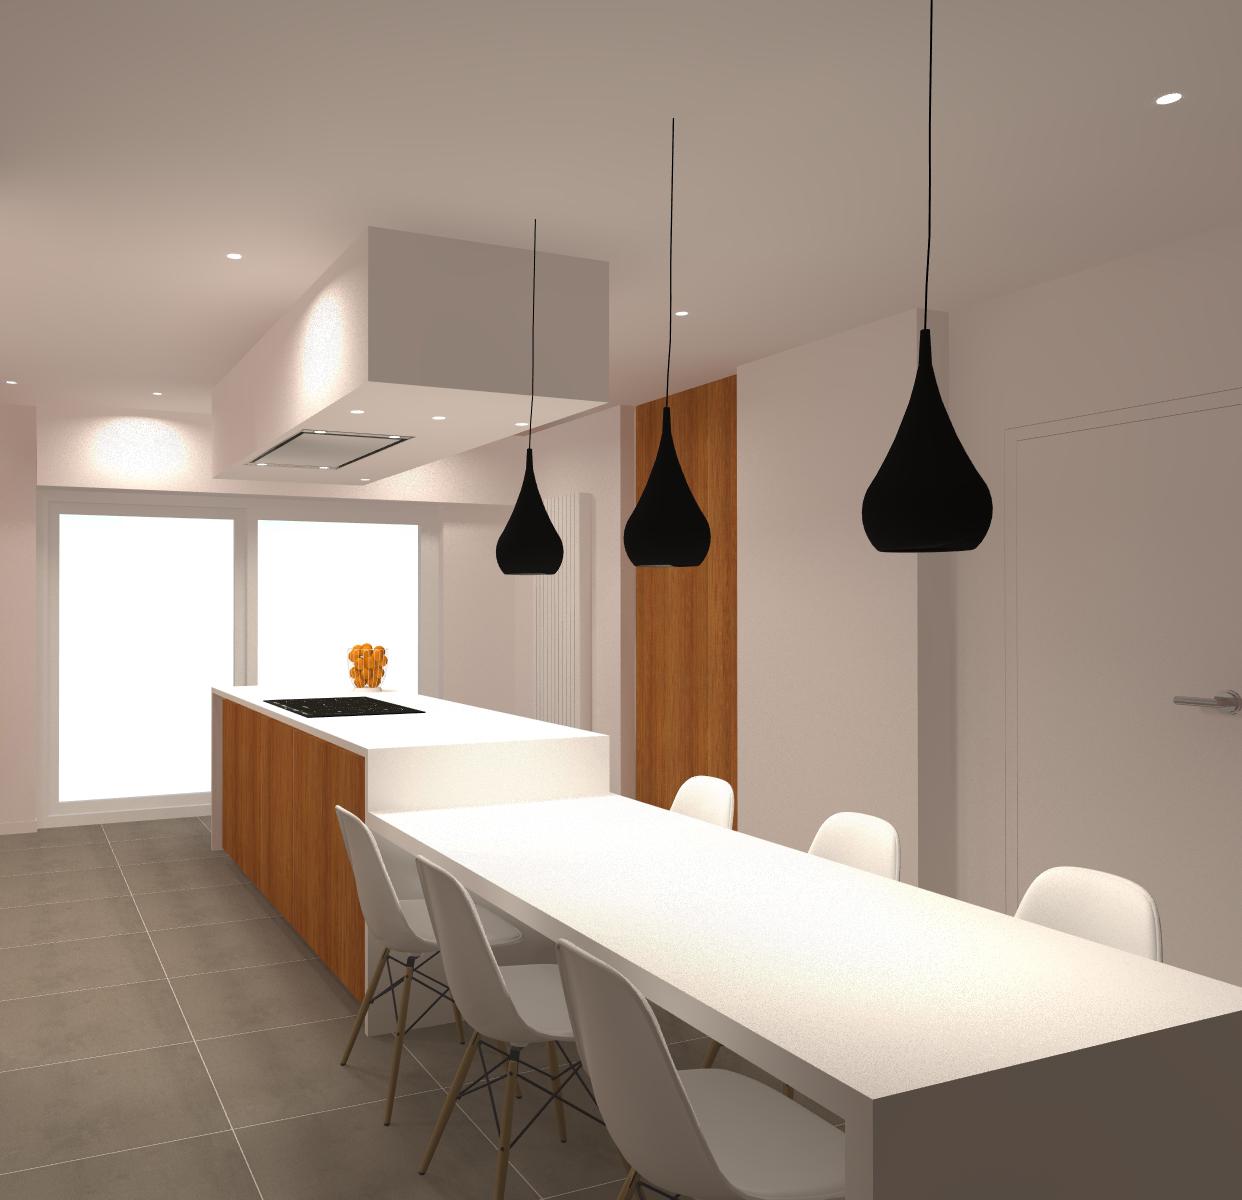 keuken2kopie